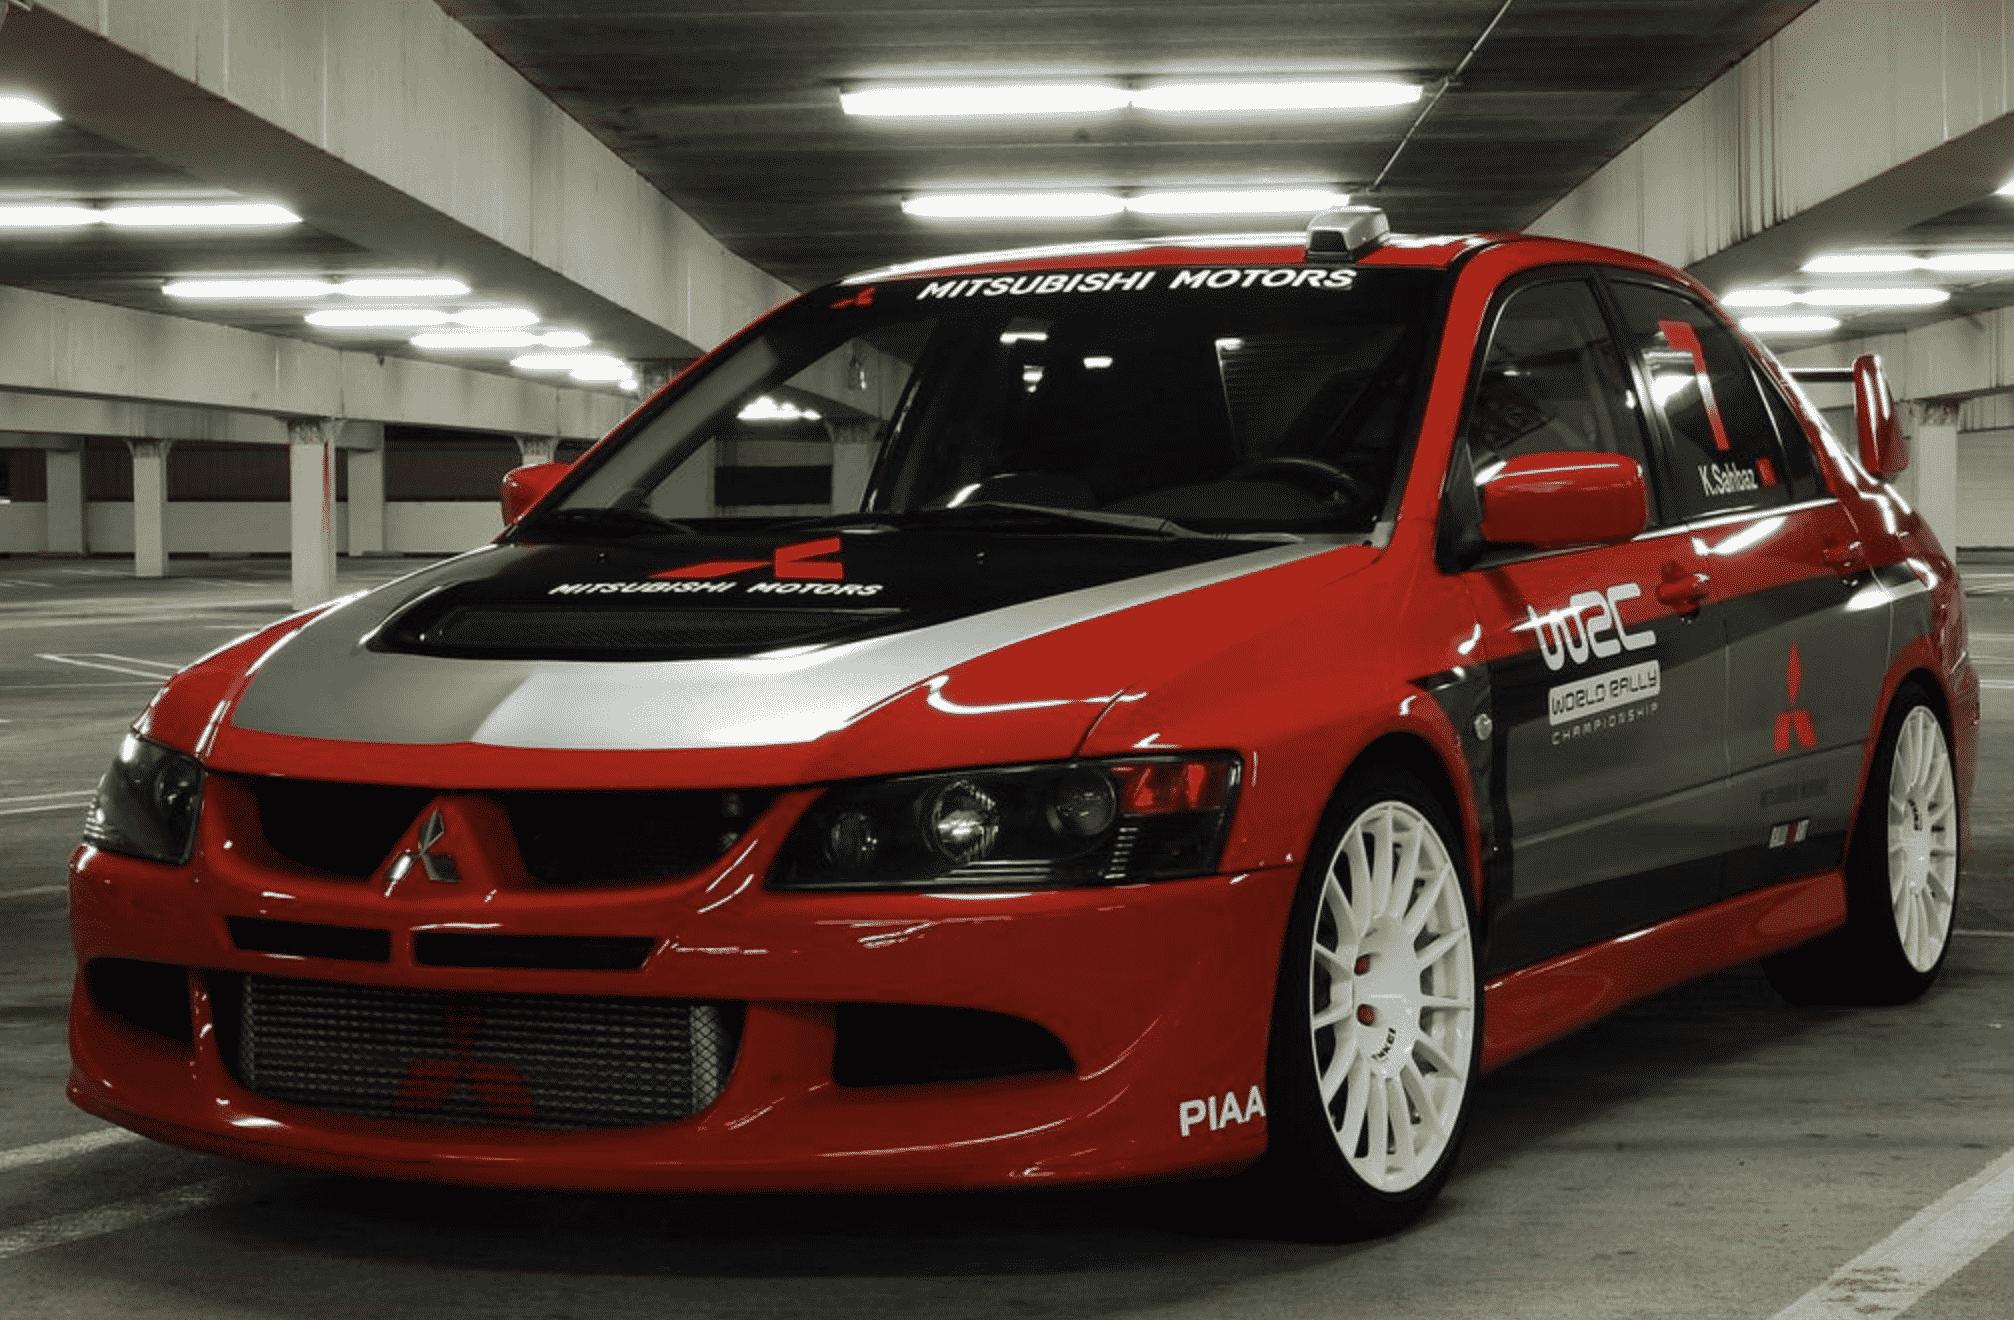 Mitsubishi Evo VII (2001-2003)